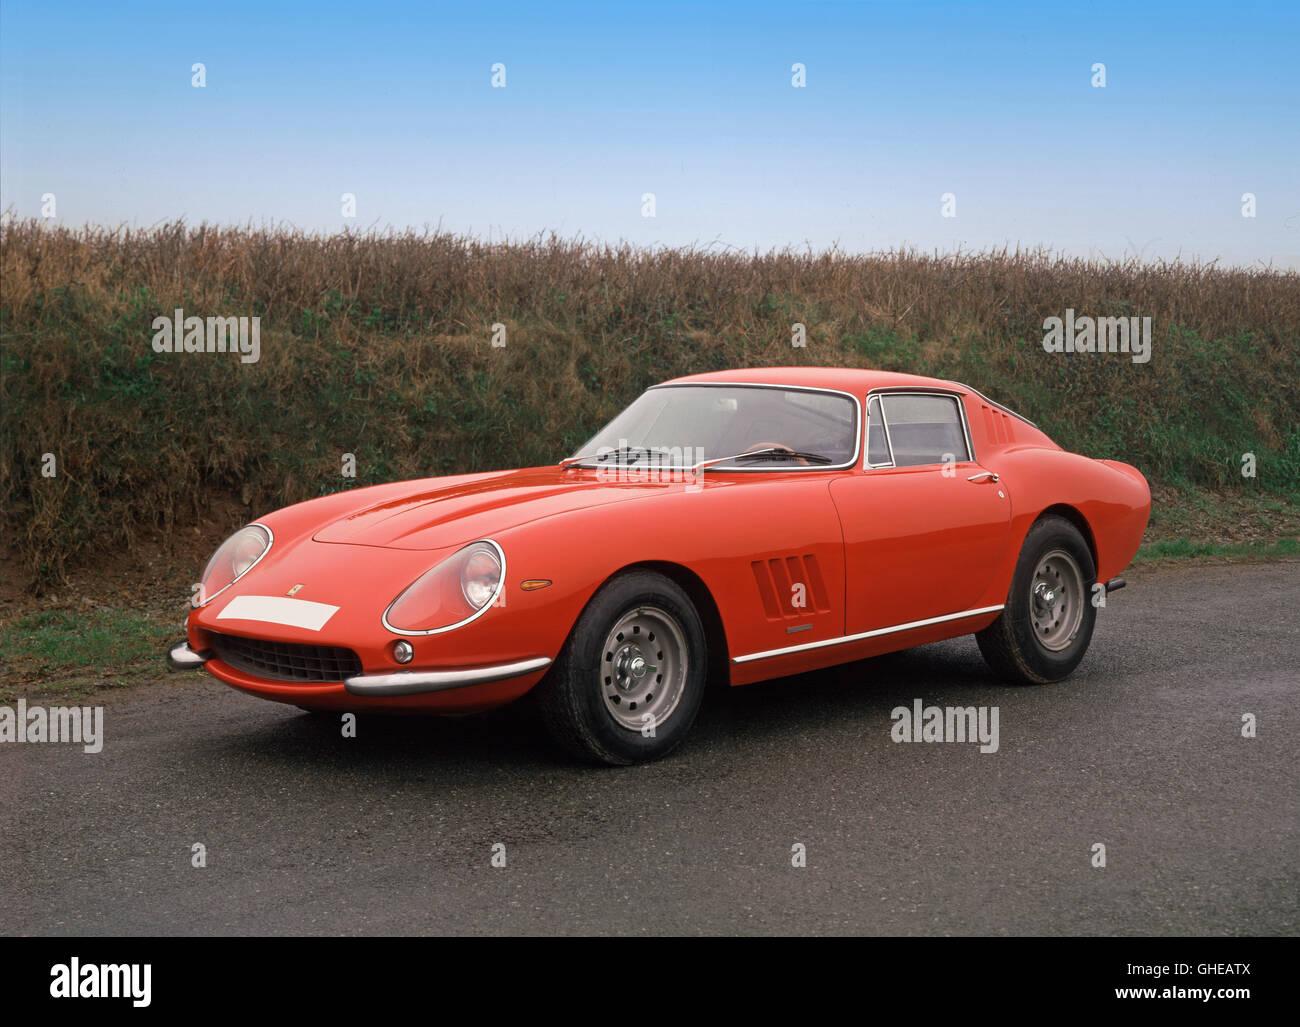 1967 Ferrari 275 GTB 4 Berlinetta 3.0 litre V12 Country of origin Italy - Stock Image